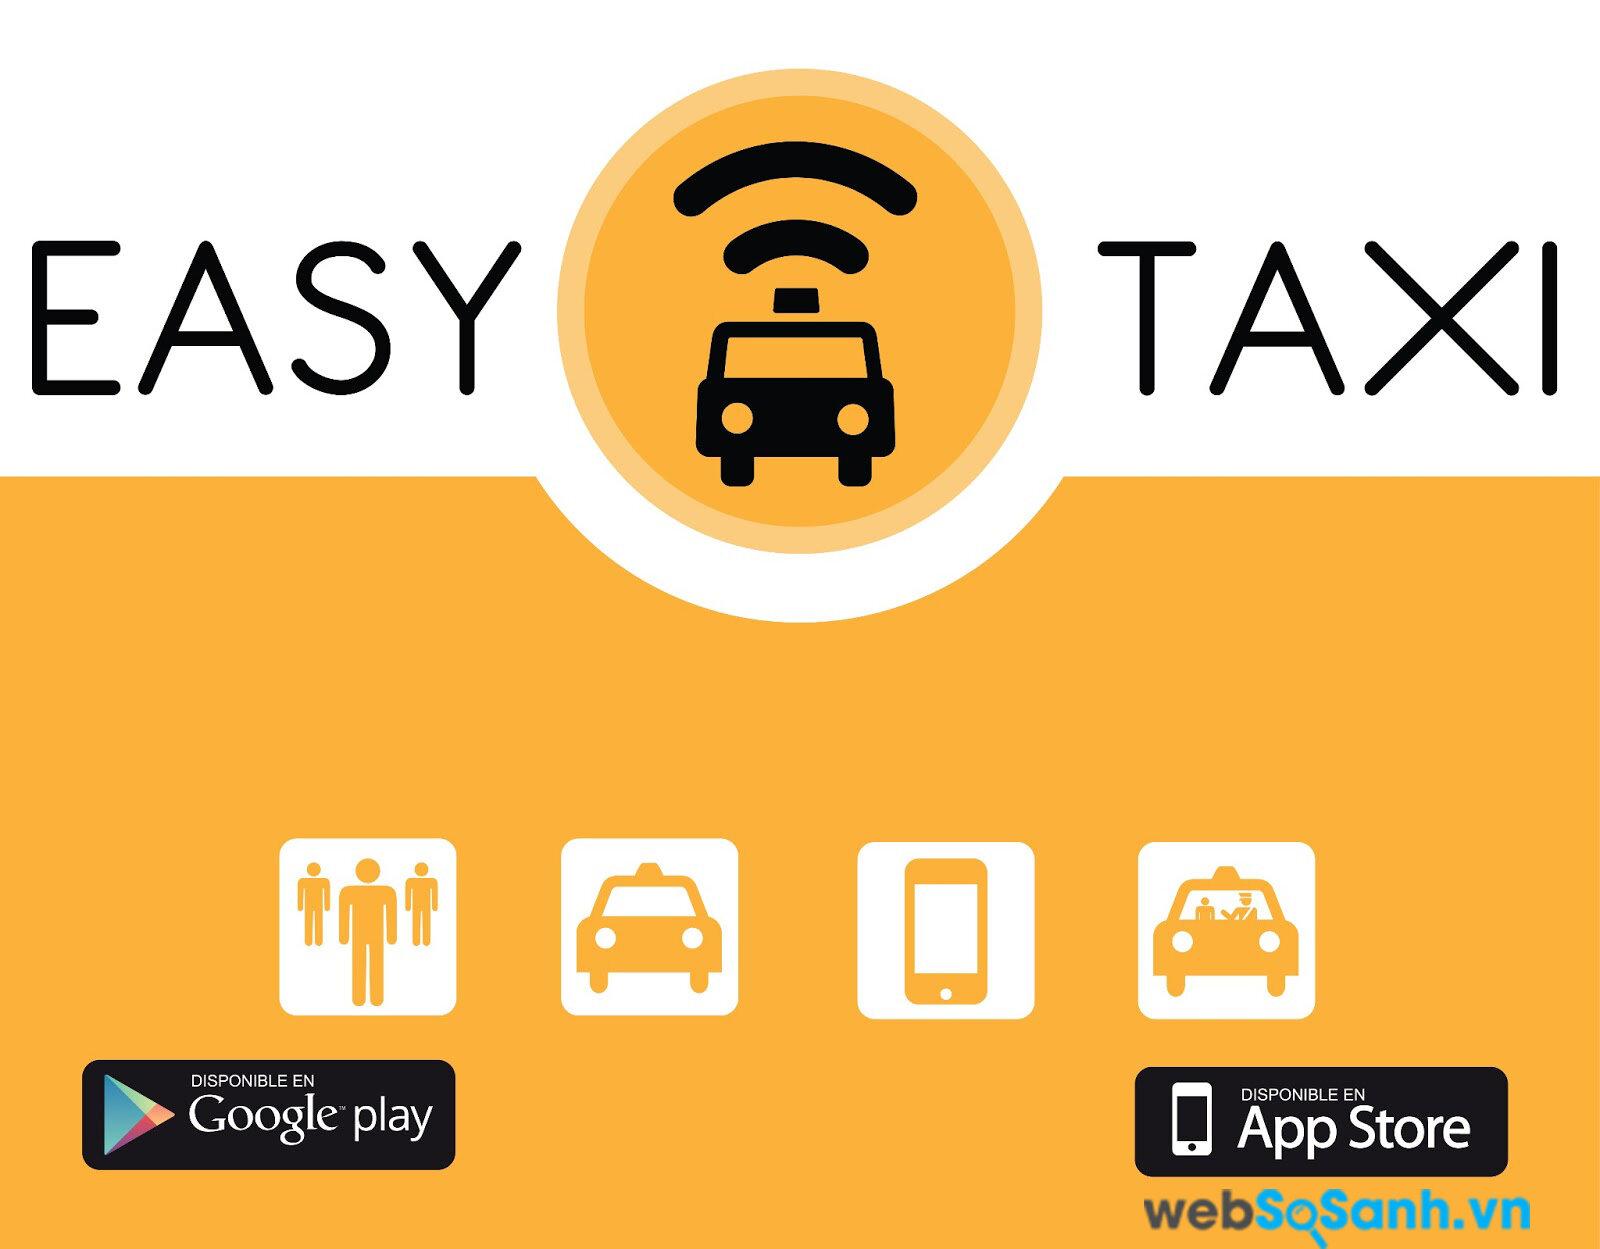 Easy Taxi là một ứng dụng gọi taxi trên di động do người Việt Nam tạo ra